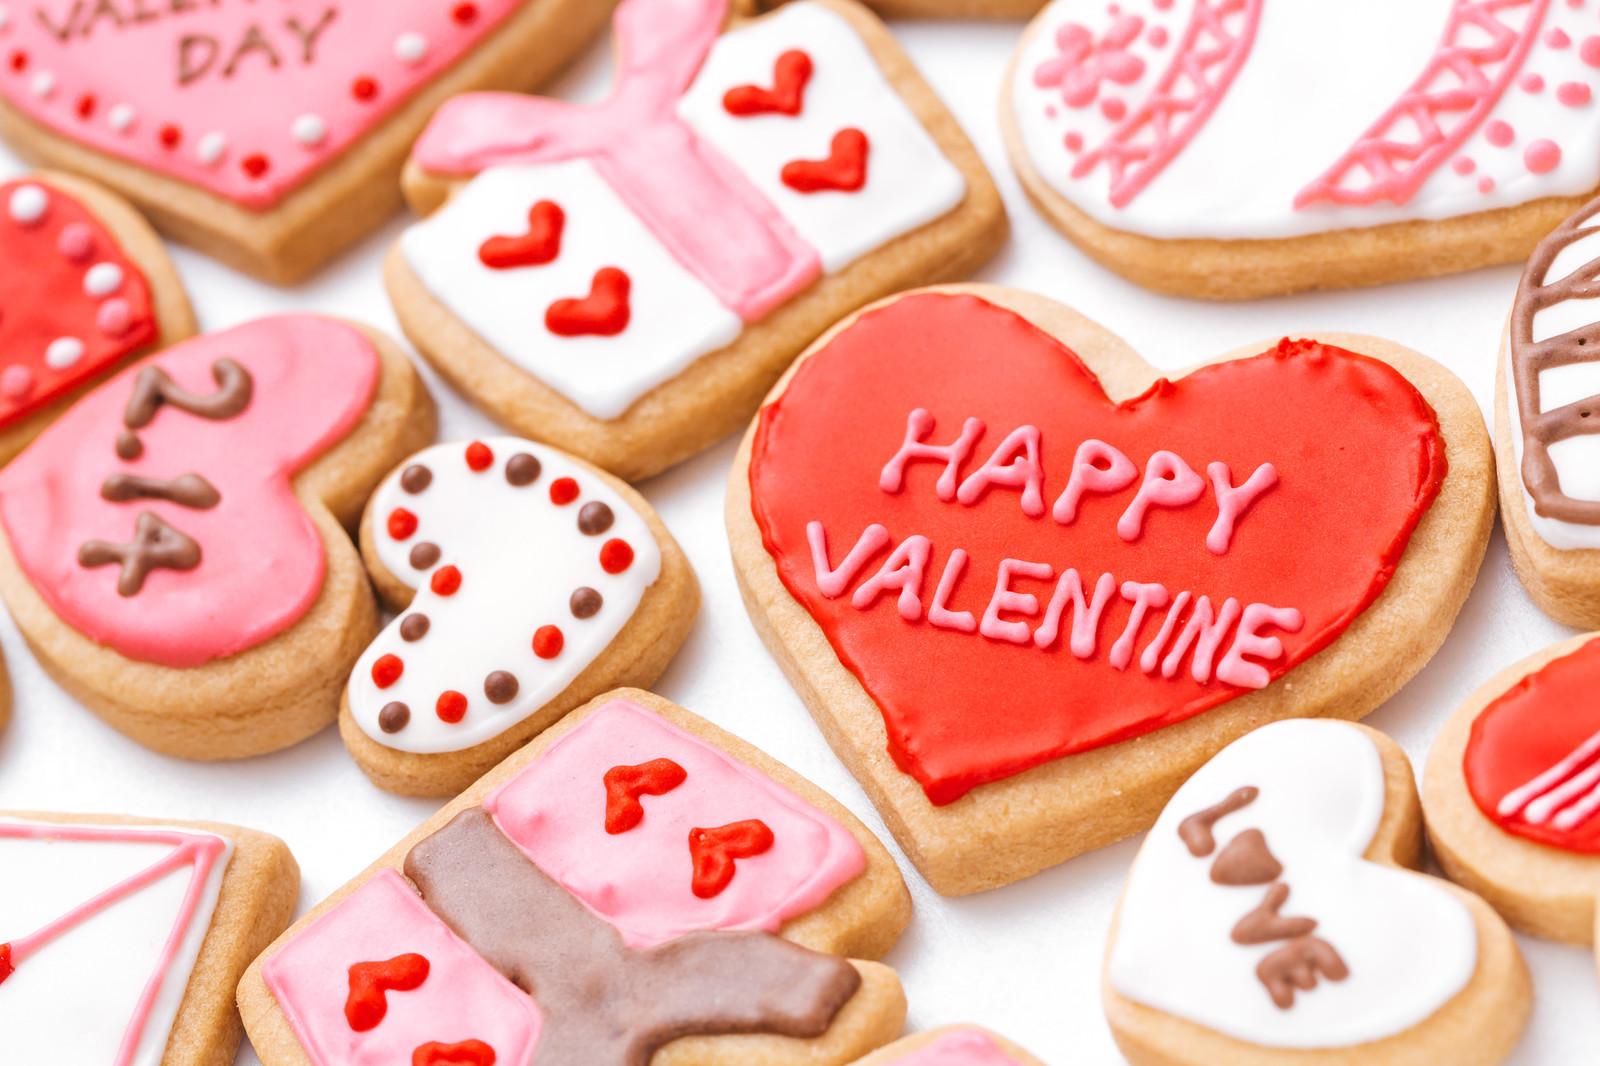 お 菓子 意味 バレンタイン バレンタインのお菓子に込められた意味は?